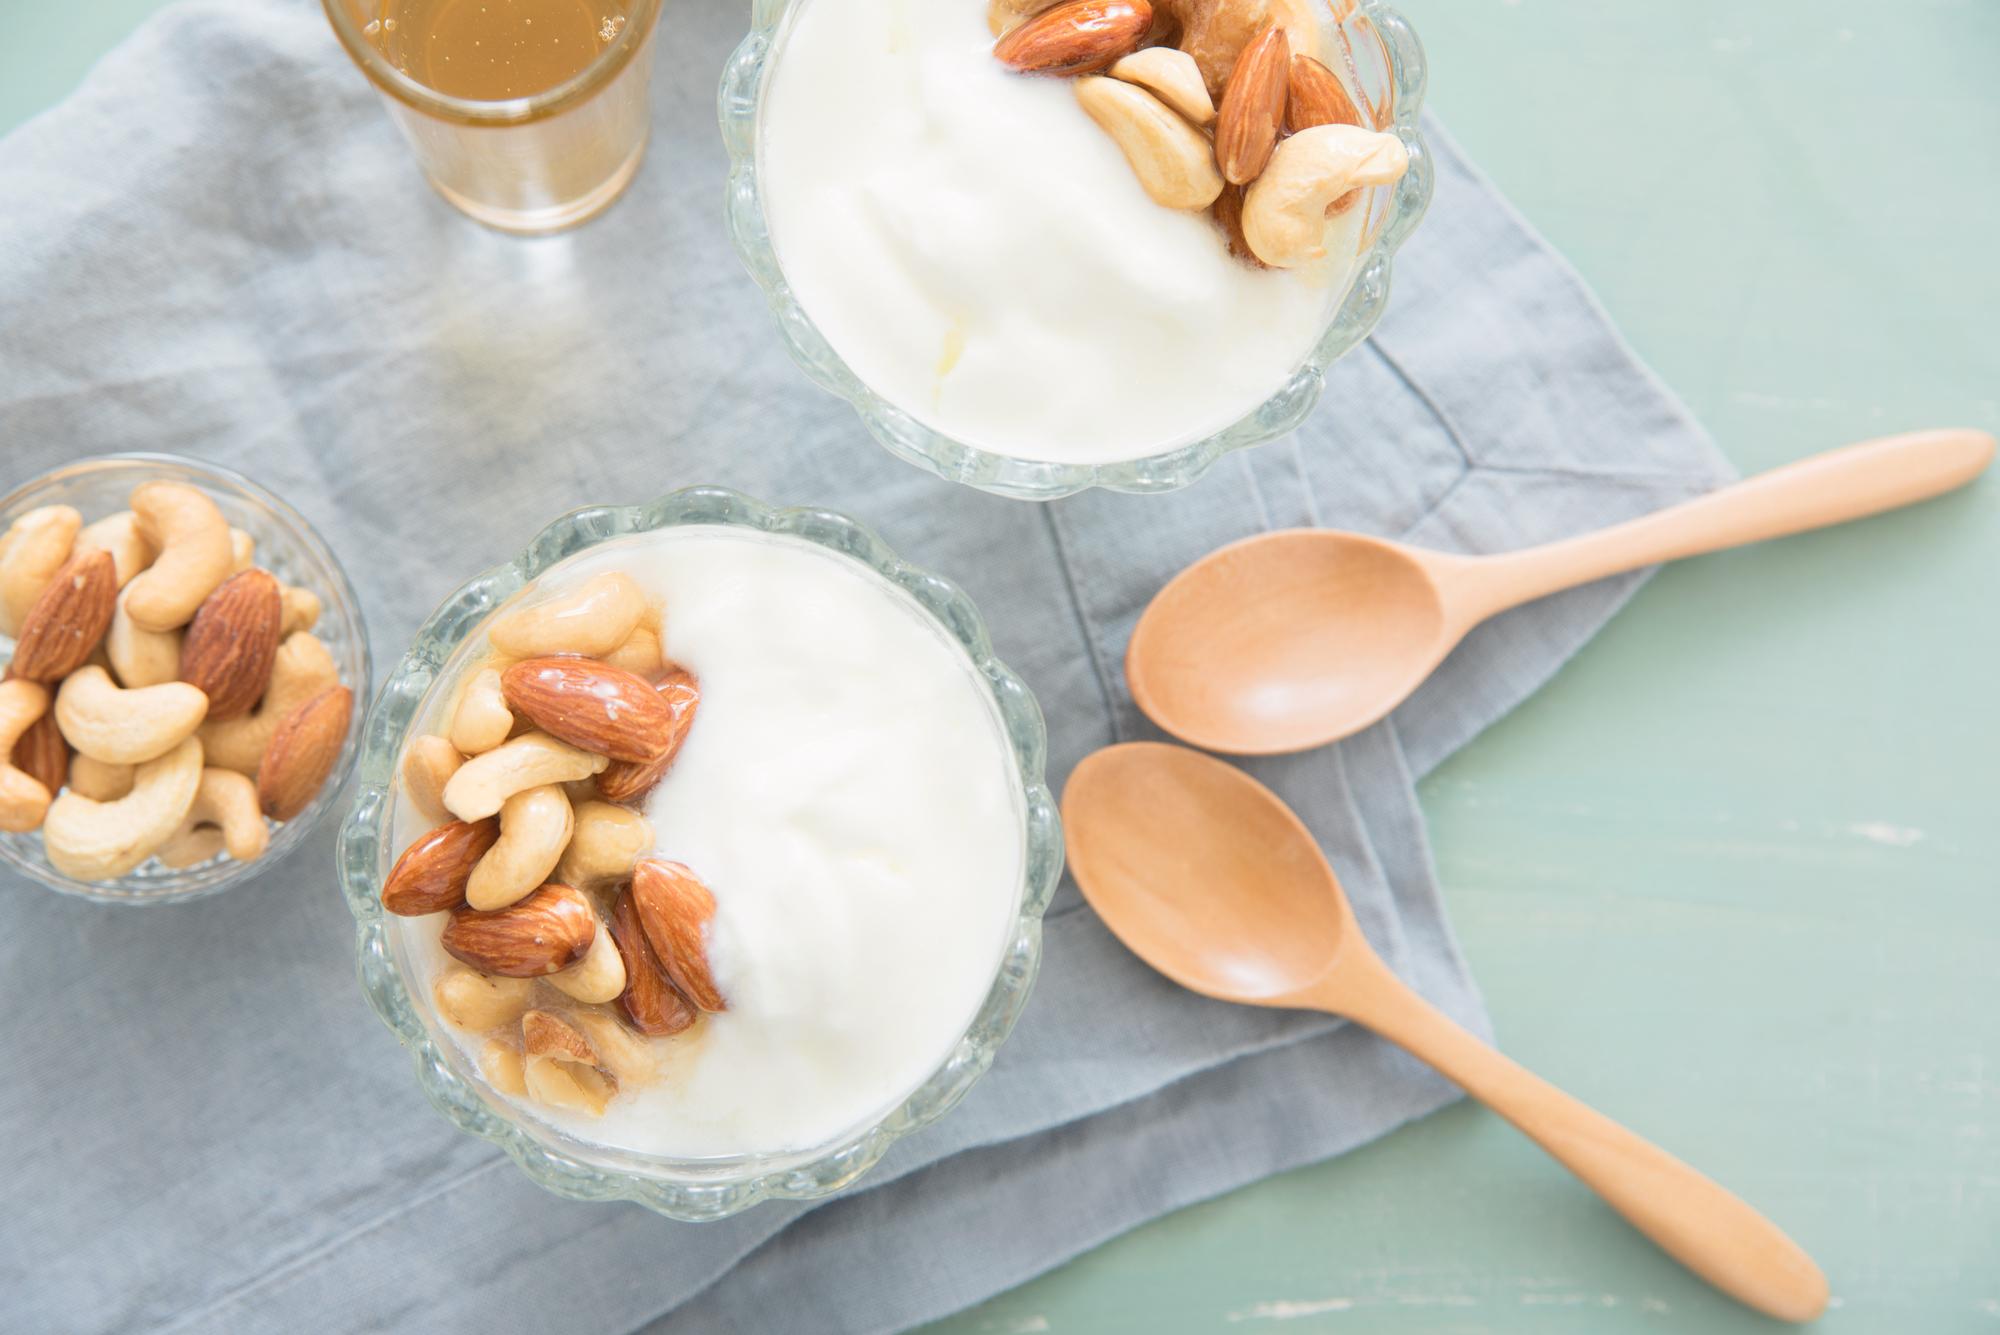 カシューナッツの効果とは?毎日食べるだけで美肌・ダイエット効果があるって本当?